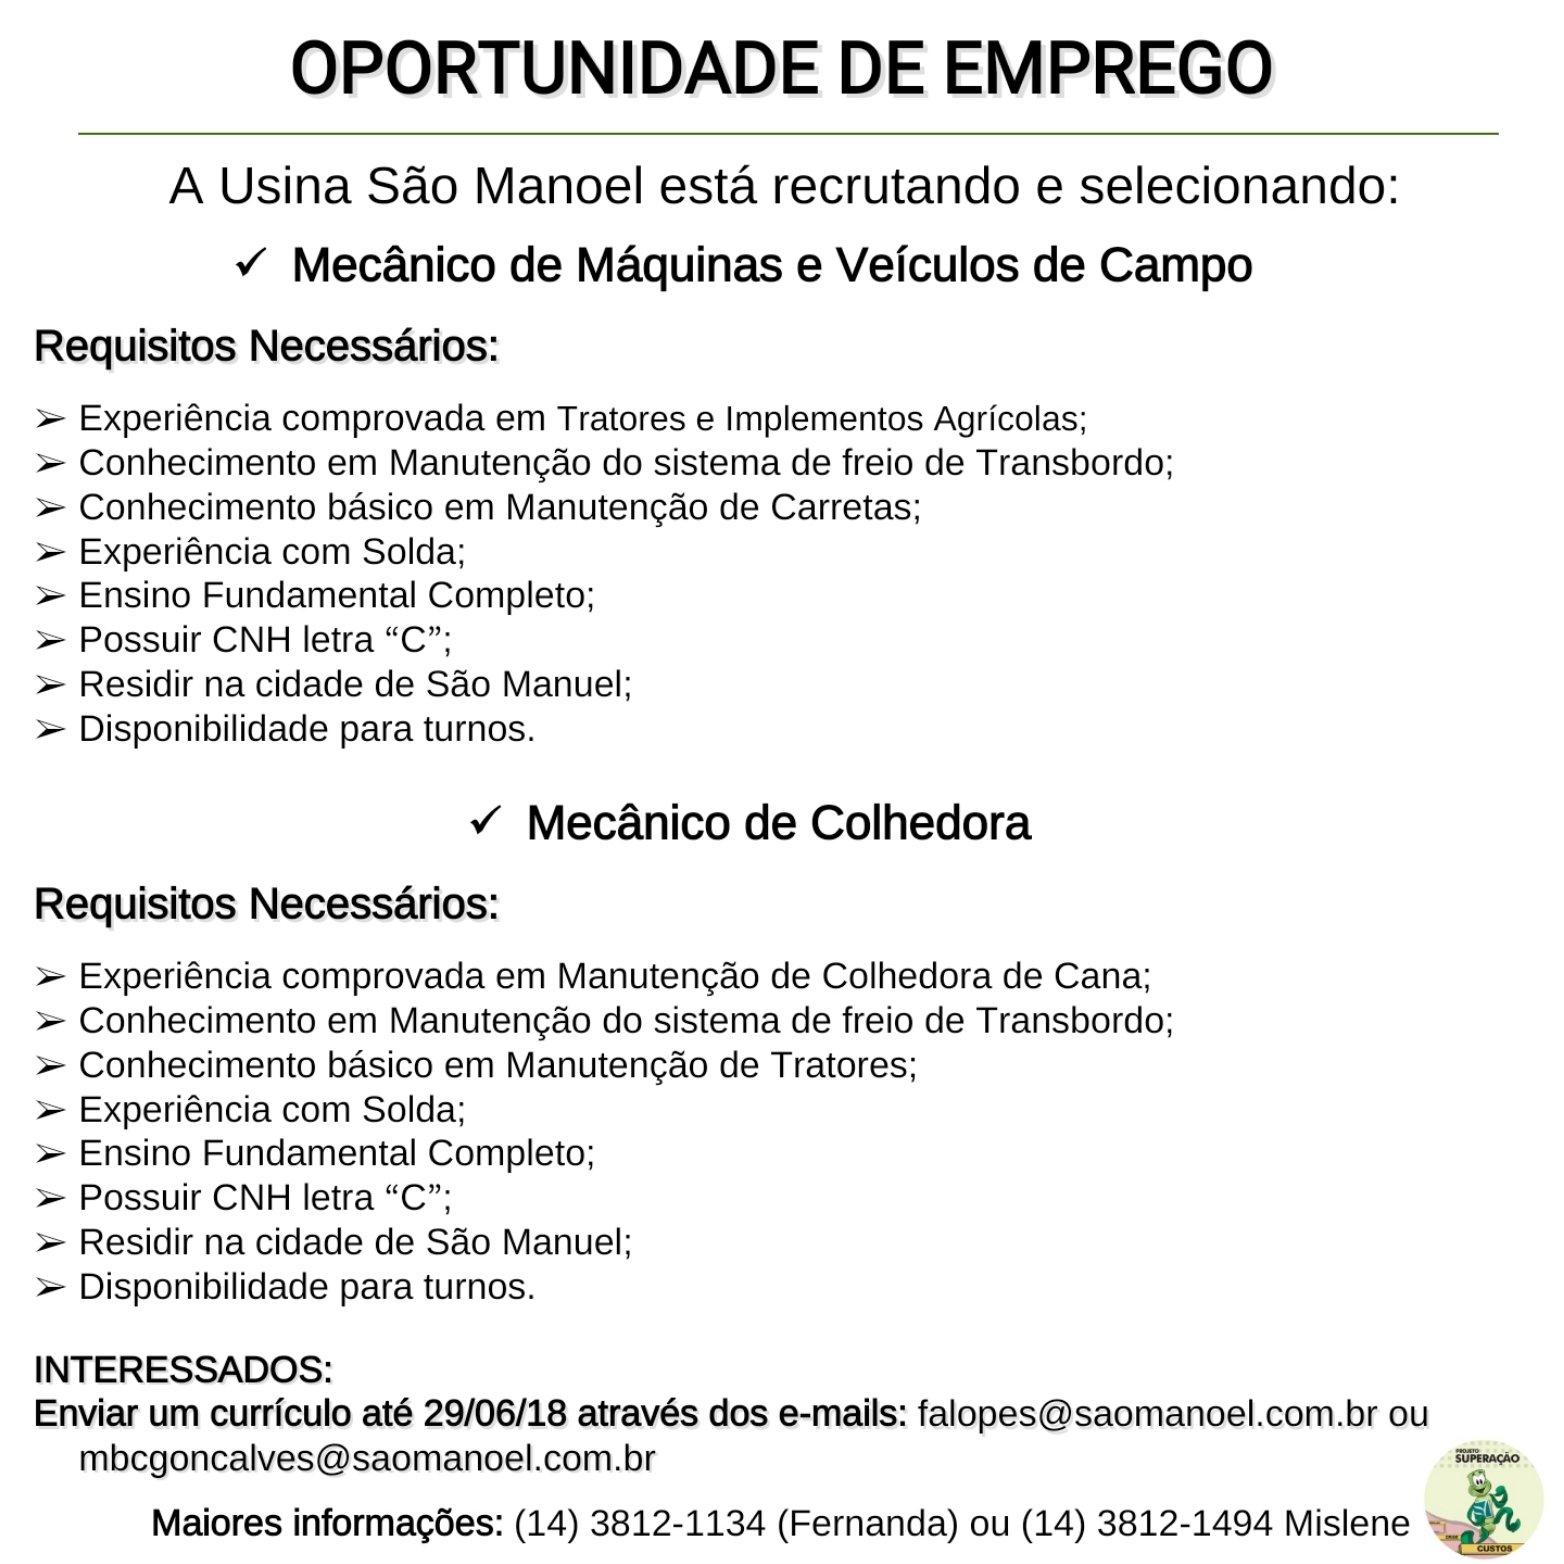 Usina São Manoel oferece oportunidades de emprego